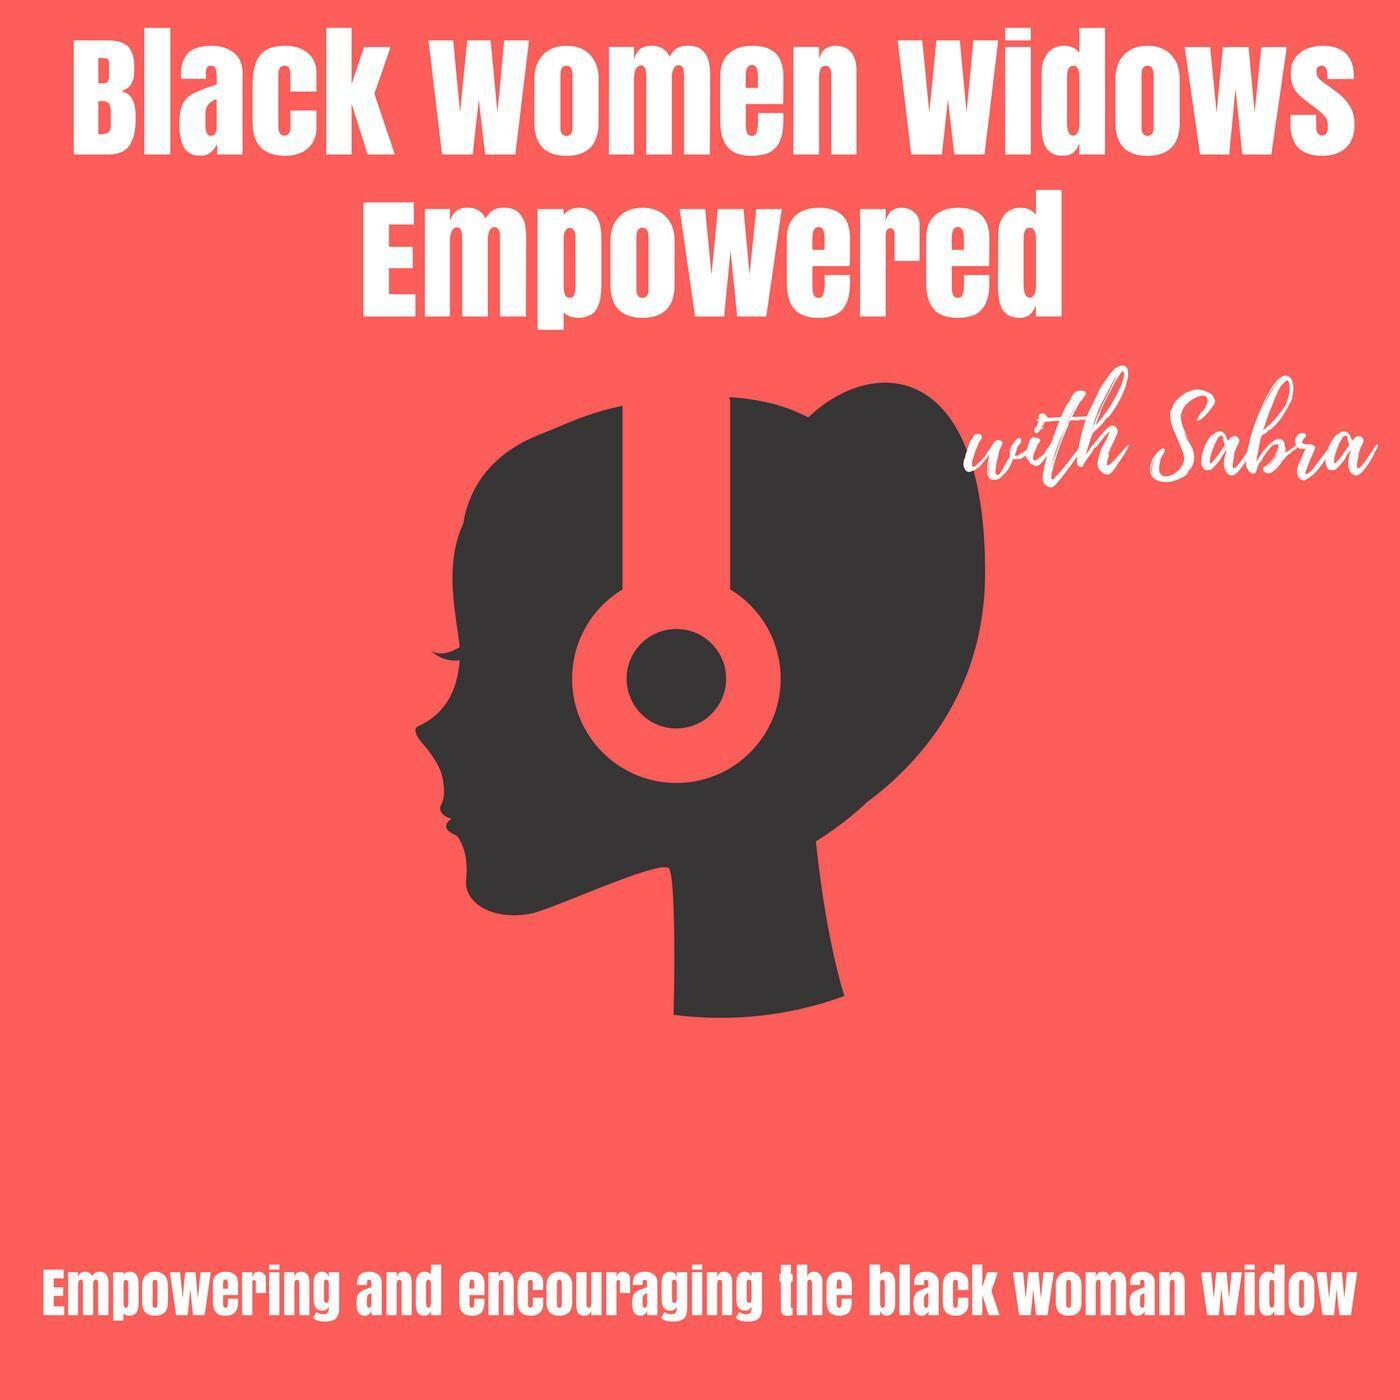 Black Women Widows Empowered Network